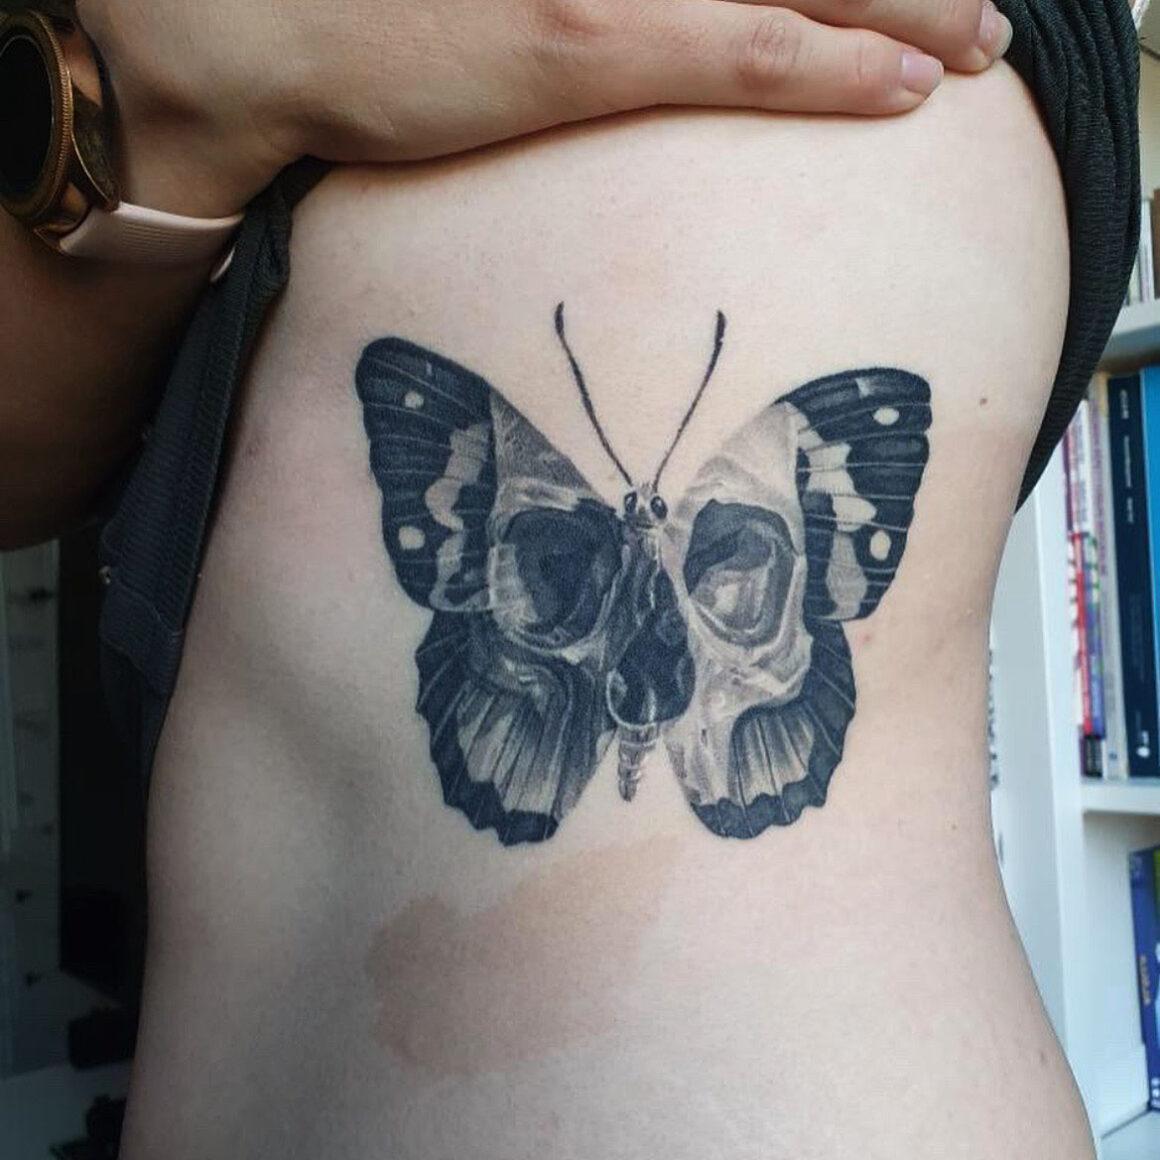 Tattoo by Ben Dunning, @bendunningtattoo